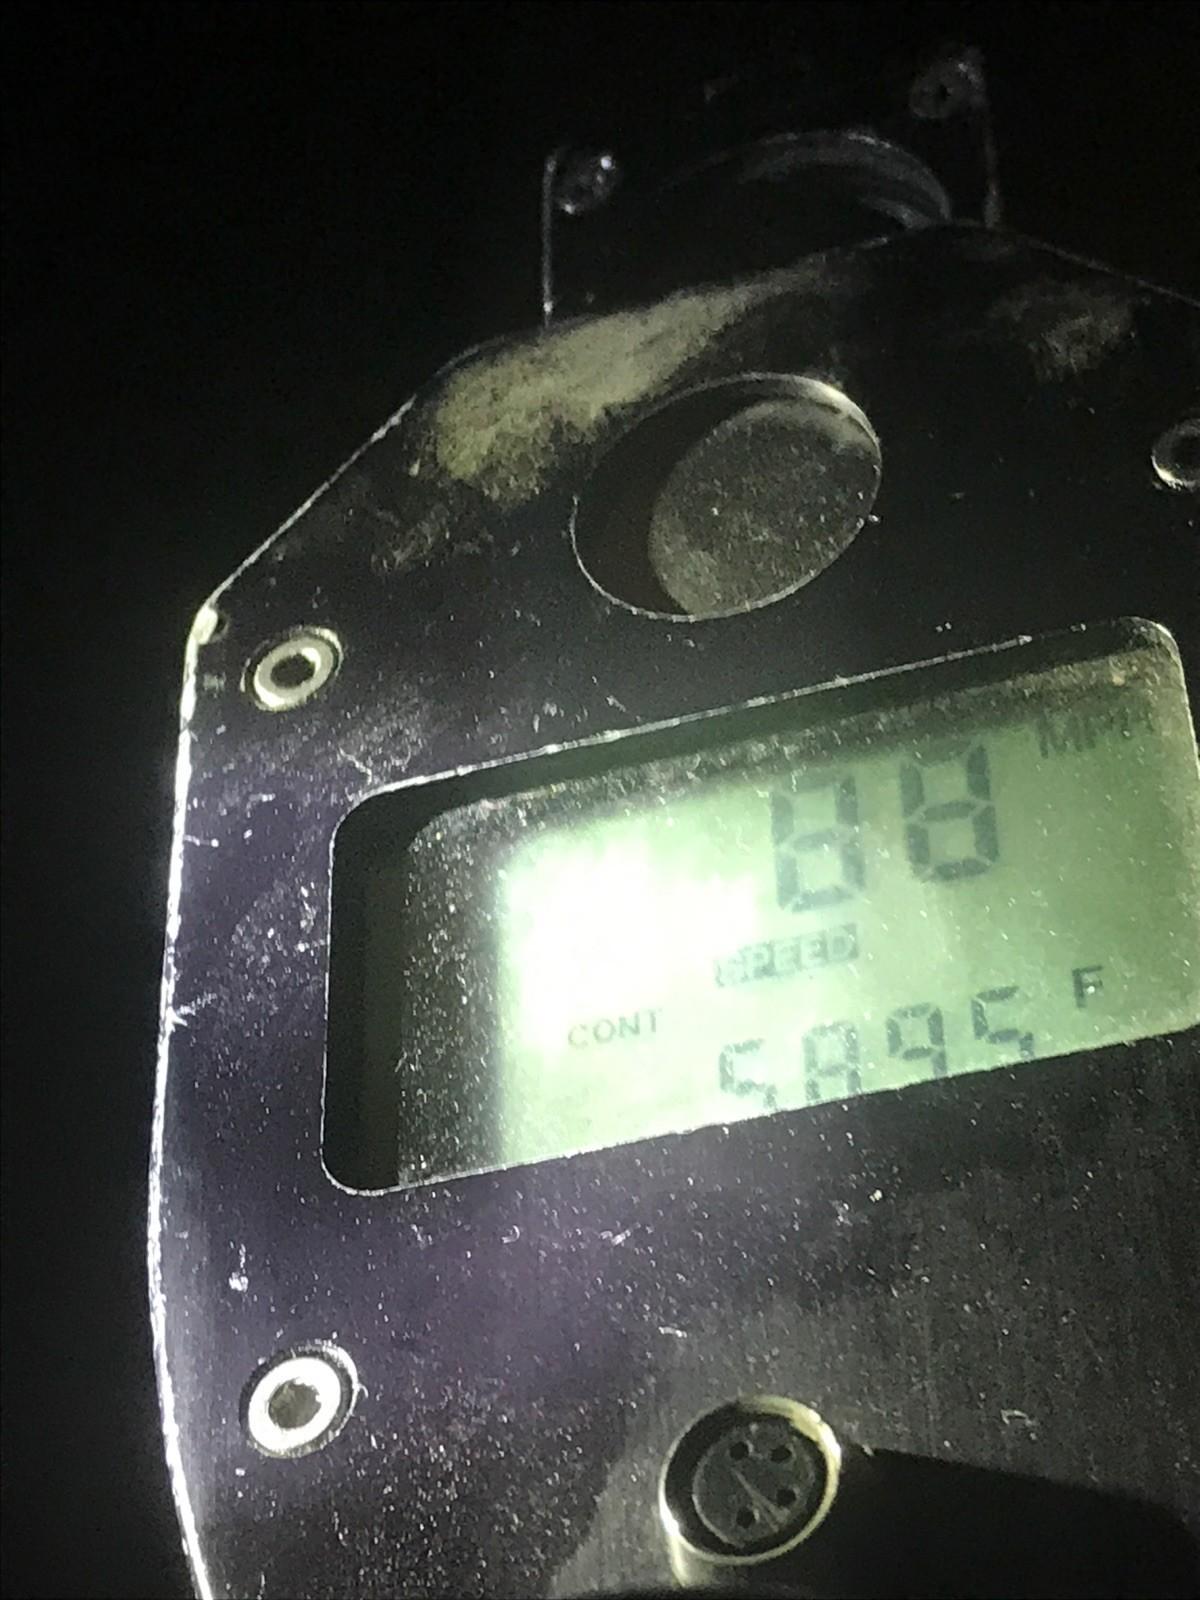 A CHP officer's radar gun showing a speed of 88 mph.